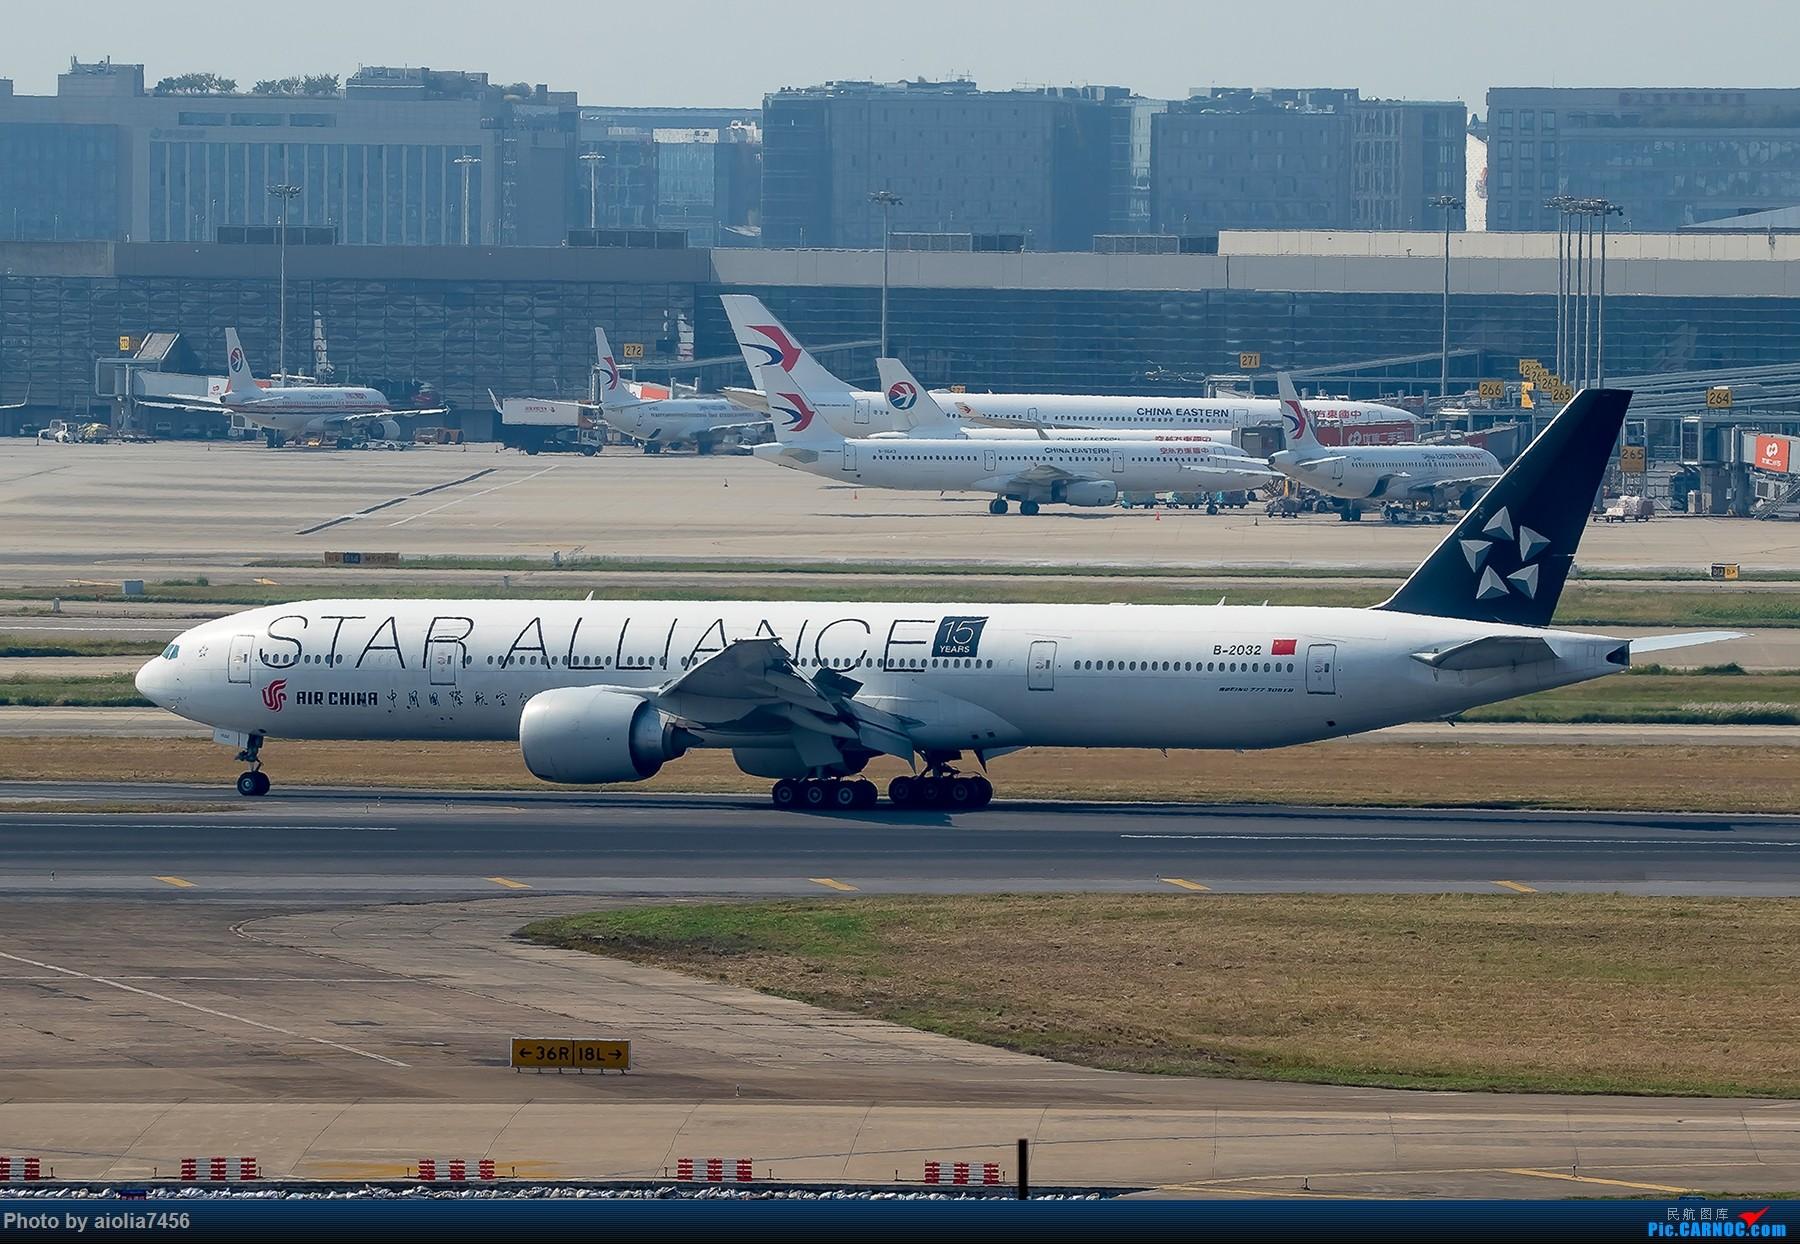 Re:[原创][霸都打机队]摸摸怀中的7D2,好宝宝,跟了新的主人你要乖乖听话哦,离开我之前,我带你逛一圈ZSSS,最后一次陪我看看那些我们不怎么看得到的宽体吧。 BOEING 777-300ER B-2032 中国上海虹桥国际机场